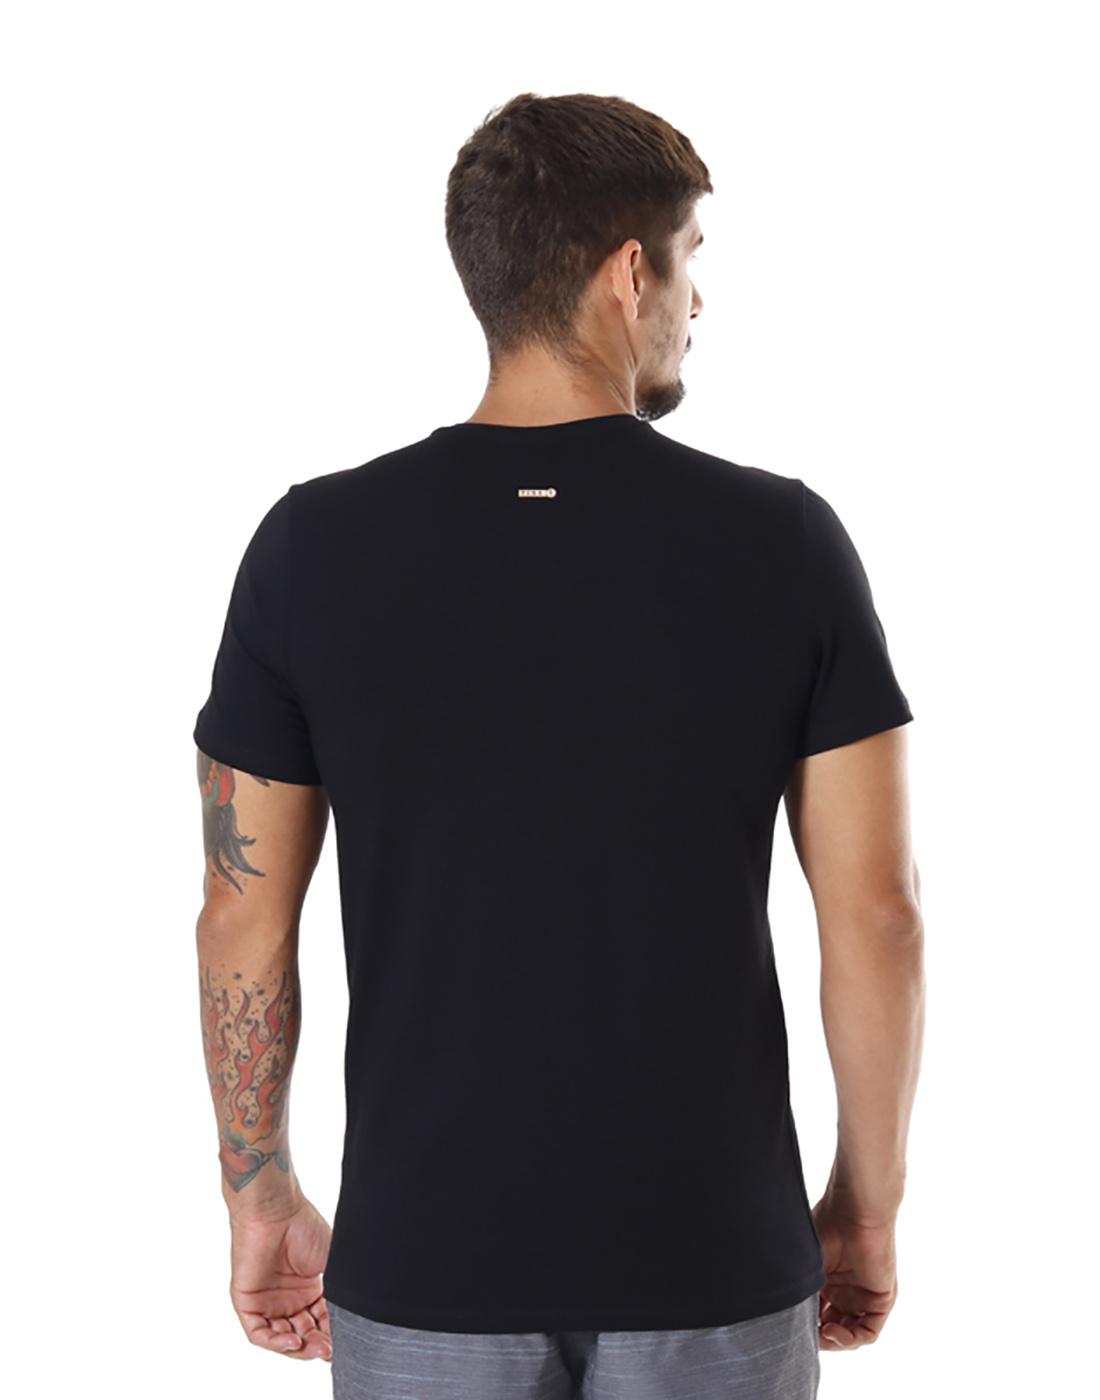 Camiseta Dif. Slim Fit Summer Preto Pena